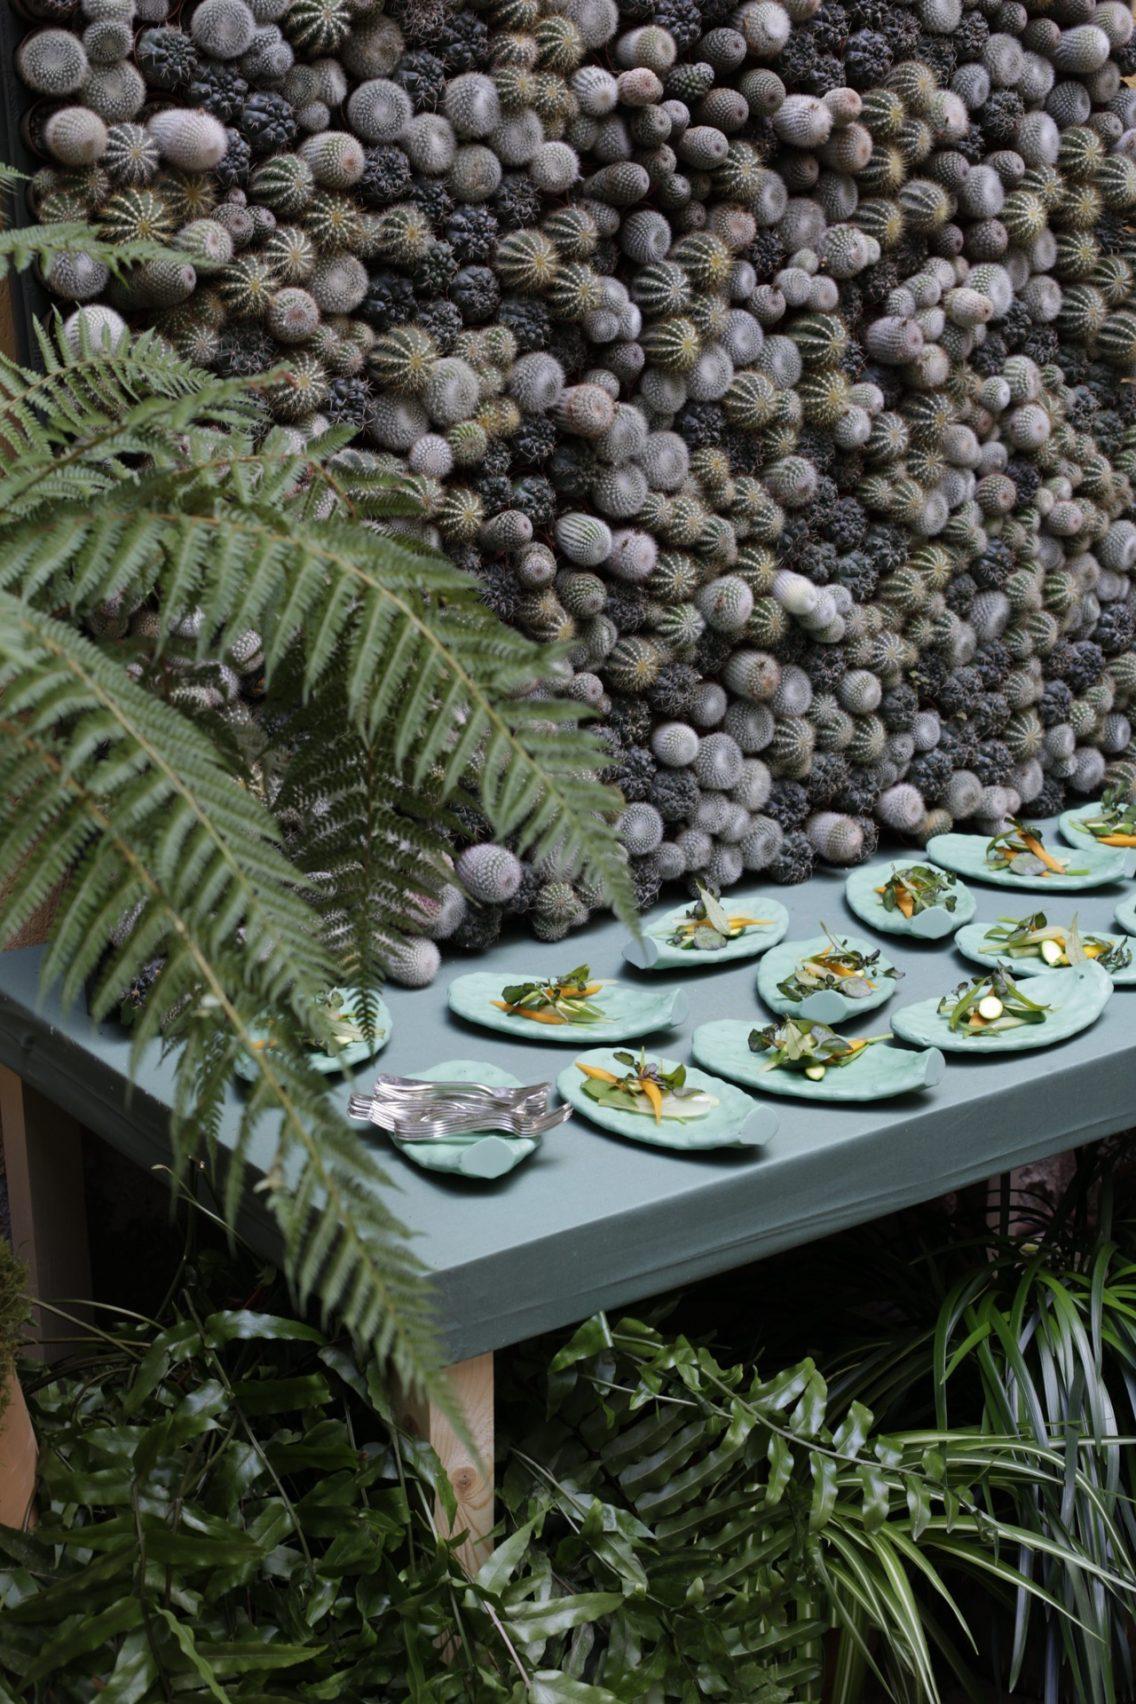 En el evento de Hermès haciendo referencia a su concepto anual Nature au gallop